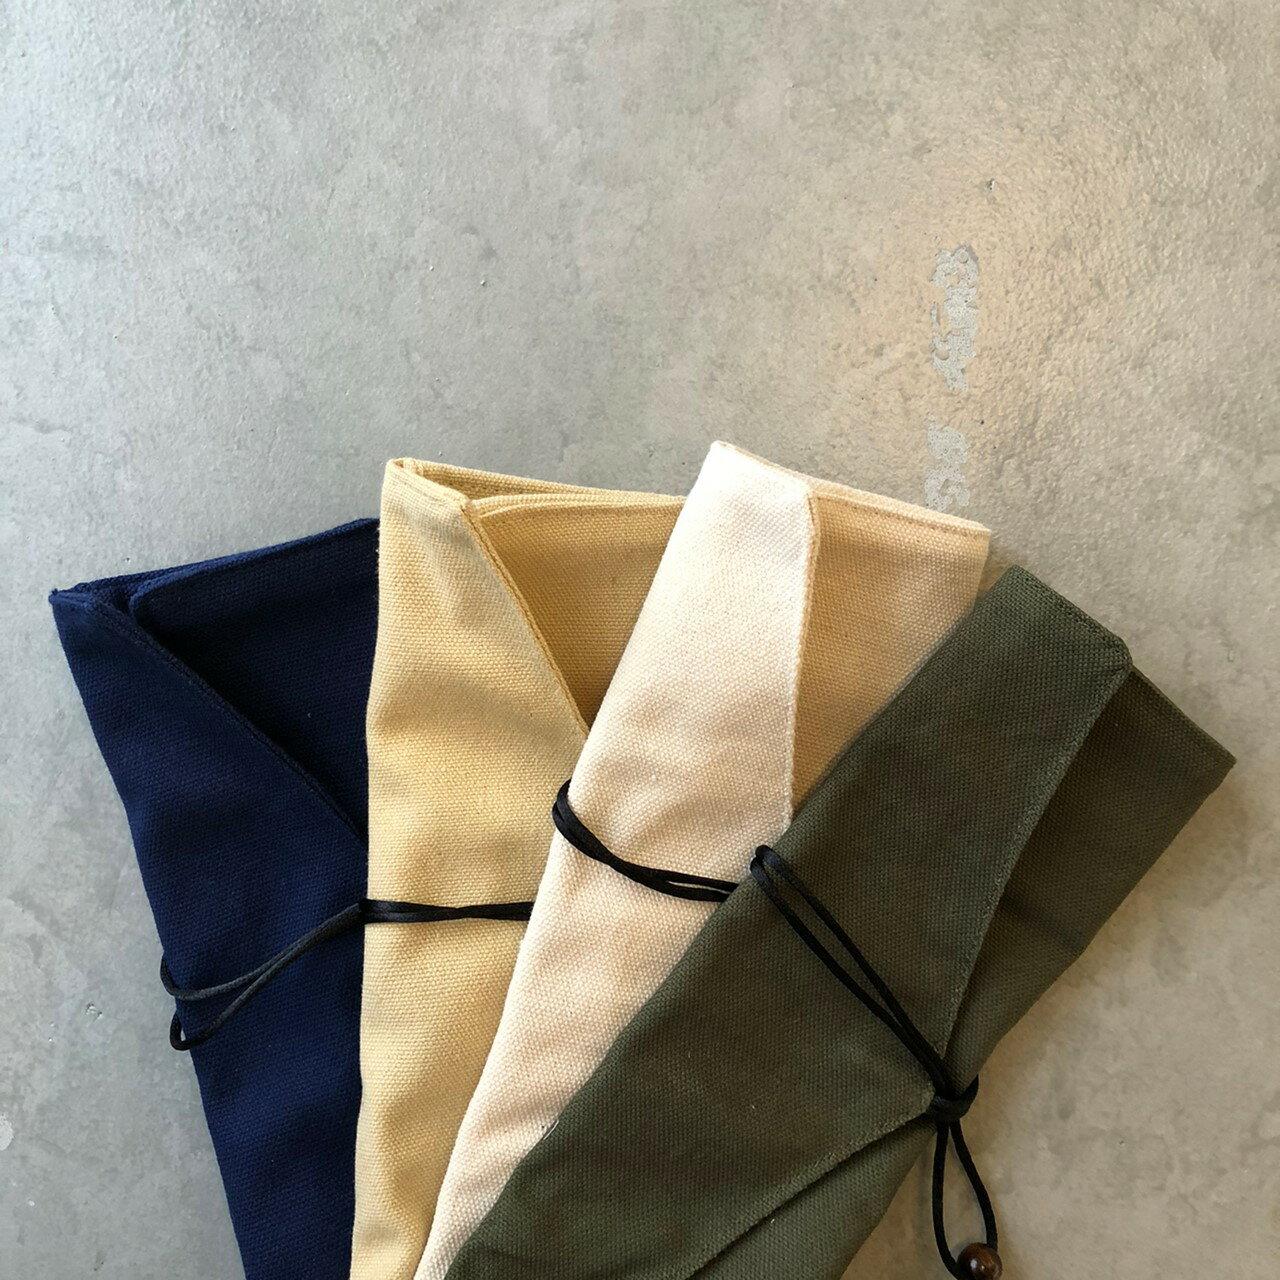 好飽餐具套-三角款 尺寸:18*21 cm 餐具 袋子 環保